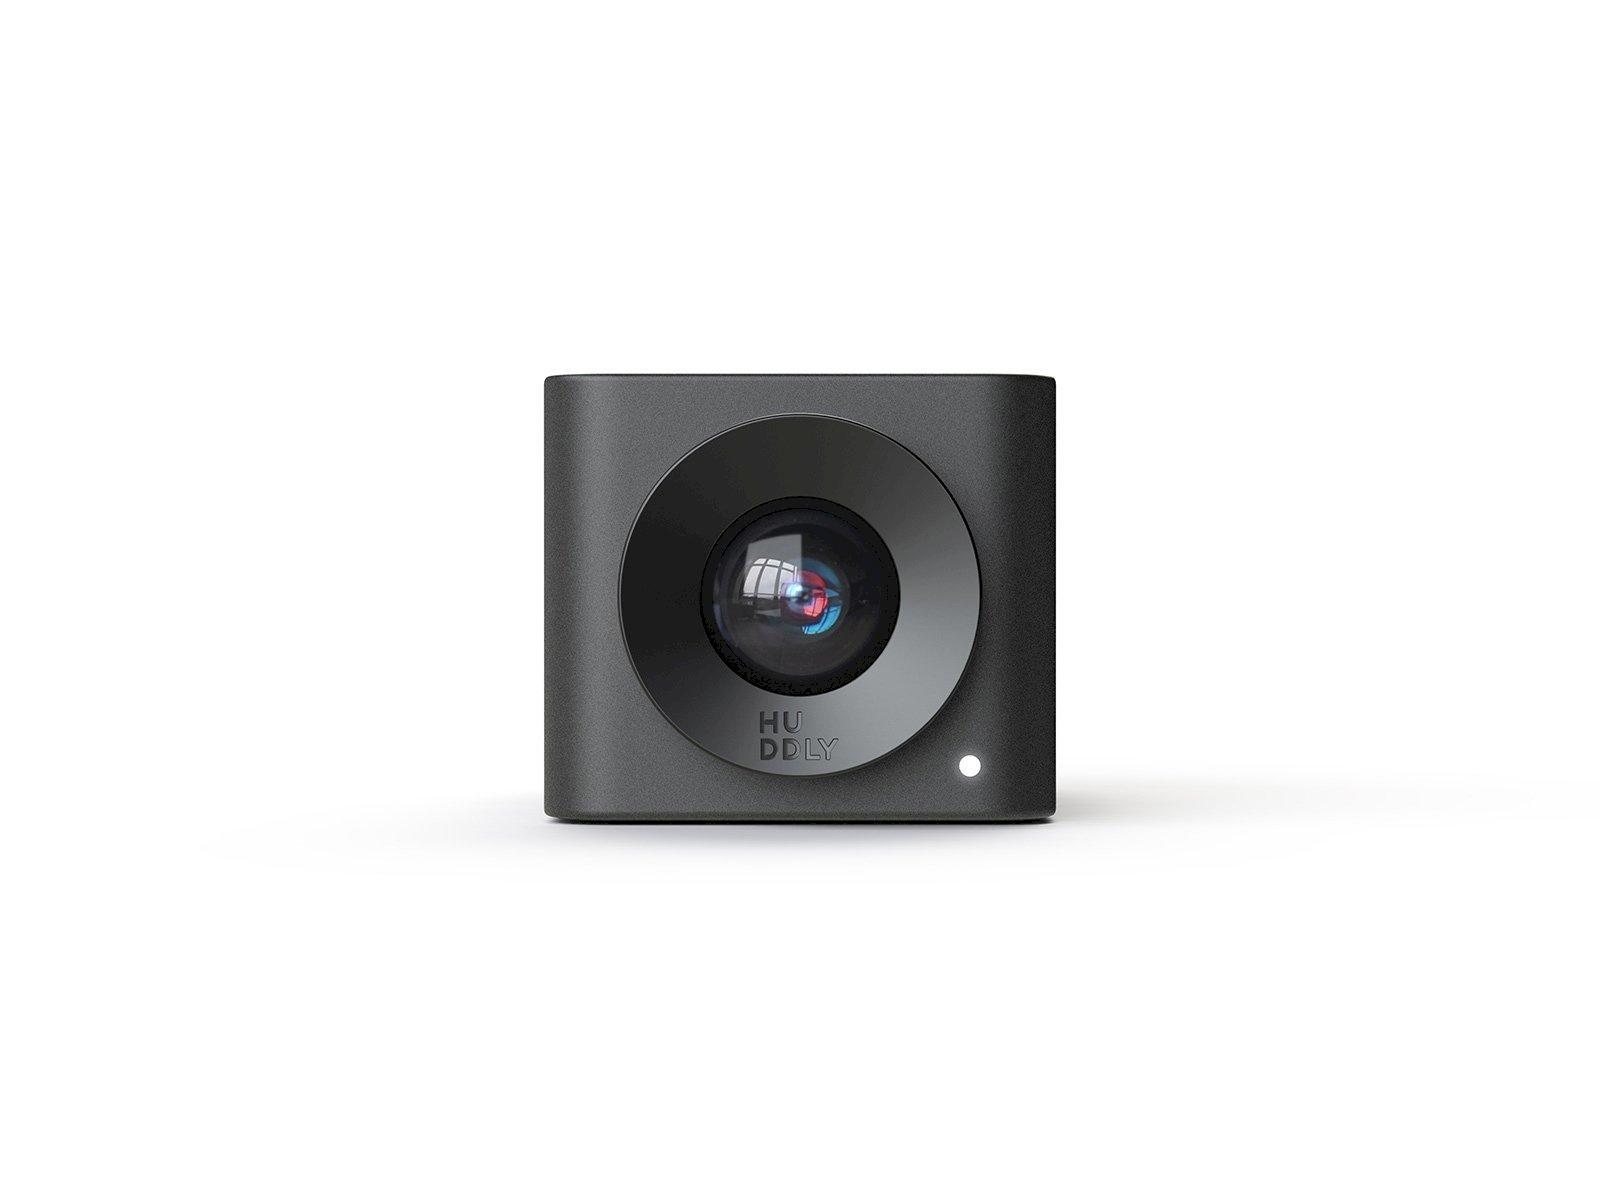 Collaborative soundbar NEC SP-PSCM (passiva)